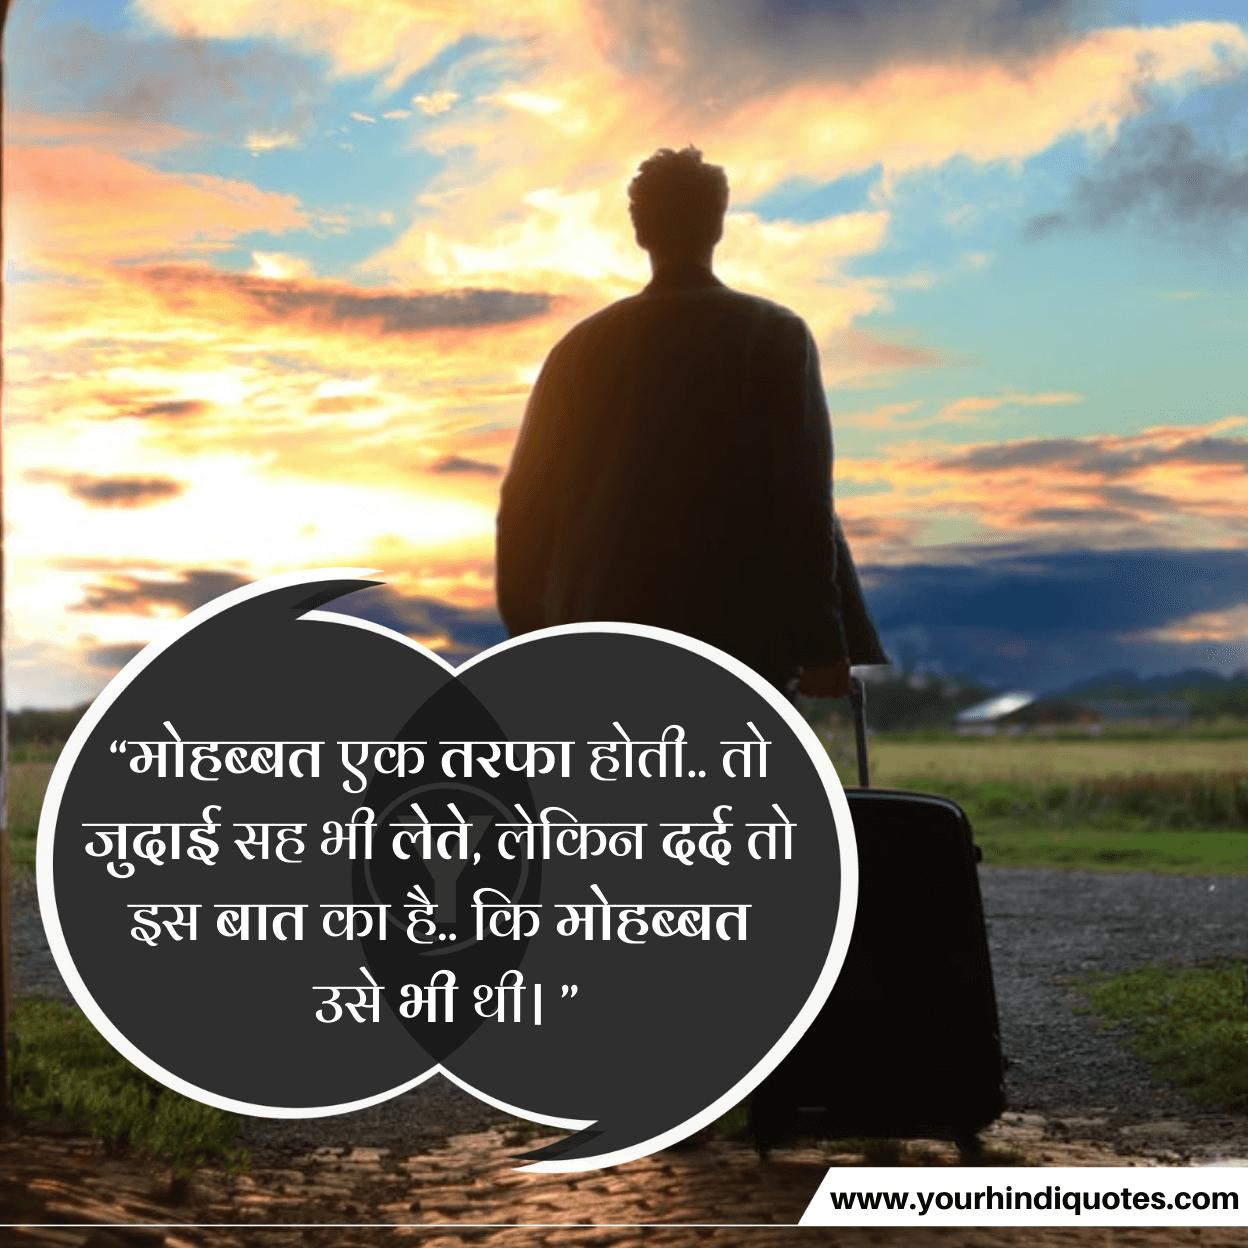 Sad Quotes Hindi Image